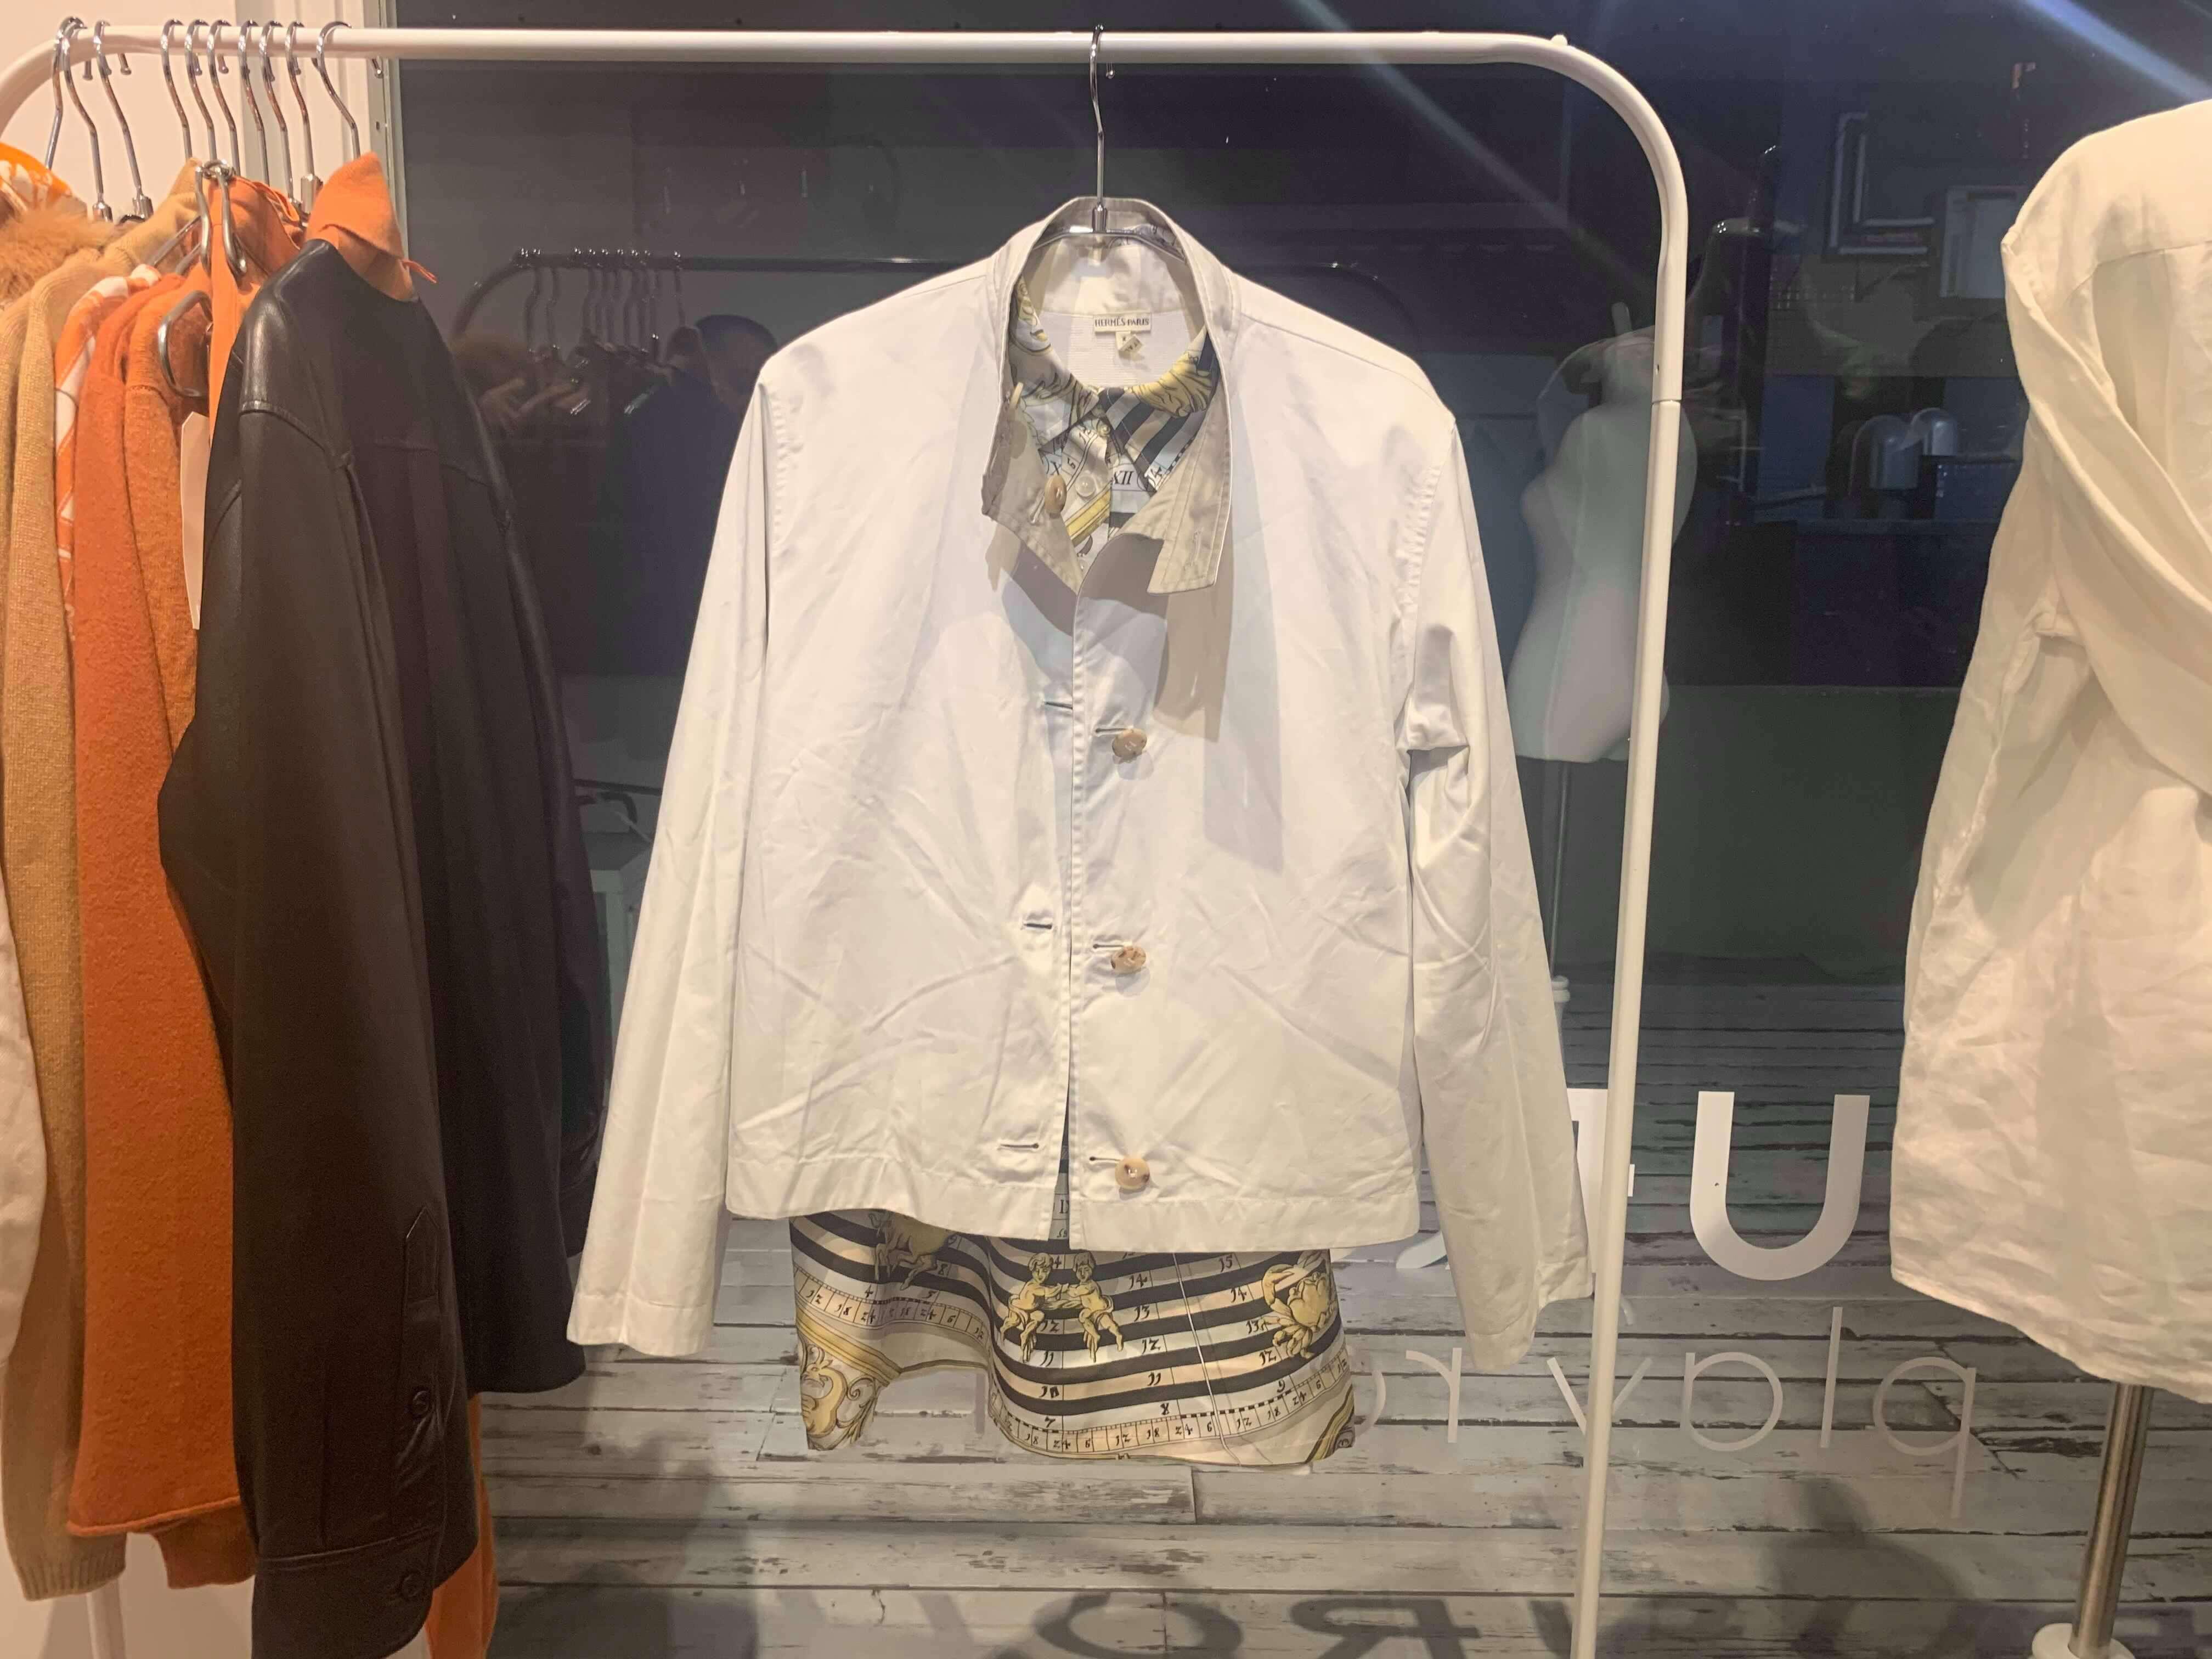 ハンガーラックにかかったエルメスの柄シャツと白いジャケット